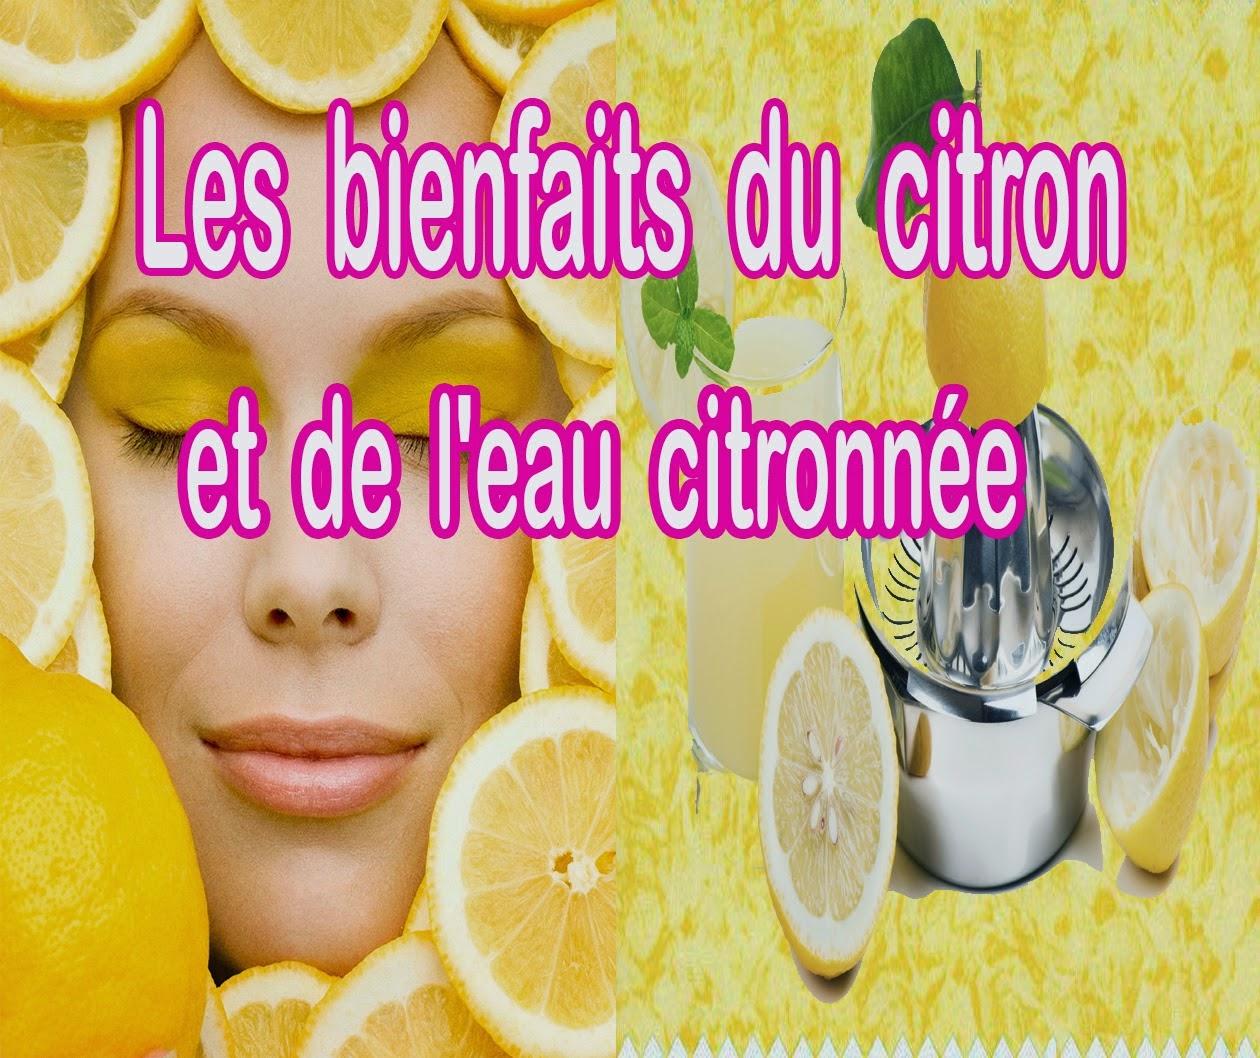 Les bienfaits du citron et de l'eau citronnée ~ Sports et